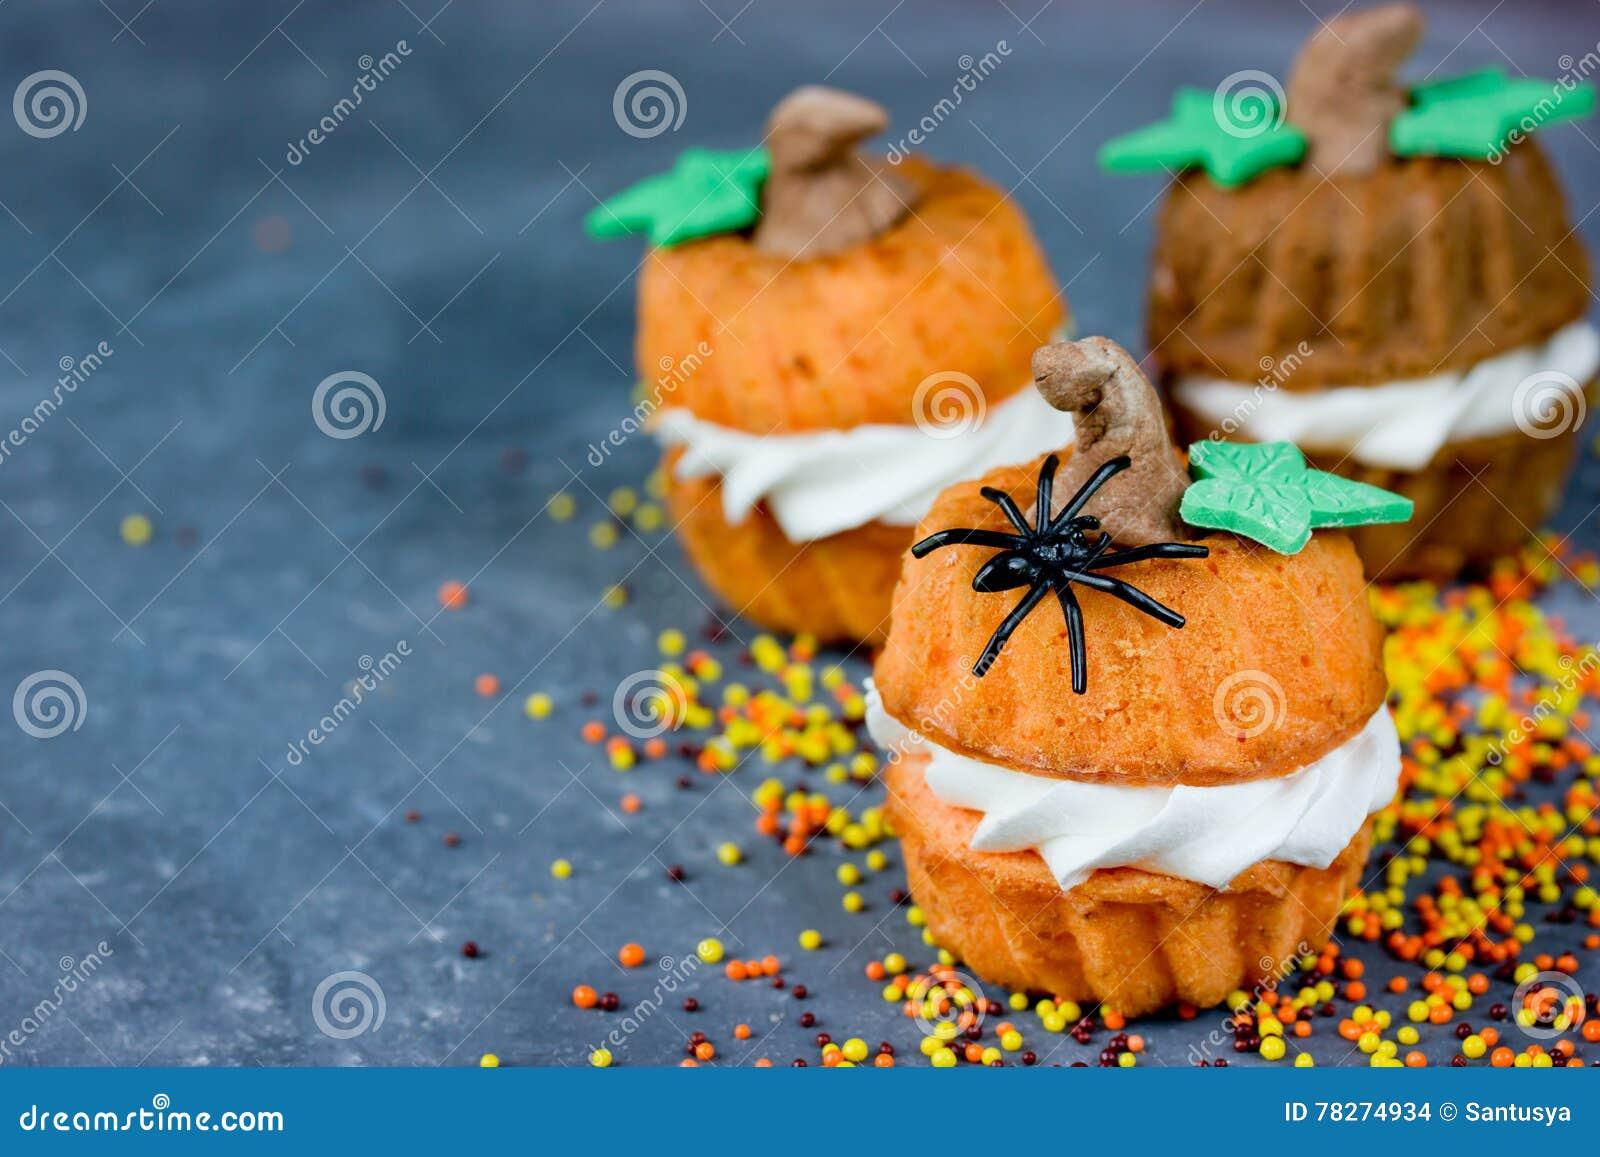 Halloween-Kürbisrezept - Orange Kleine Kuchen In Form Eines Pum ...